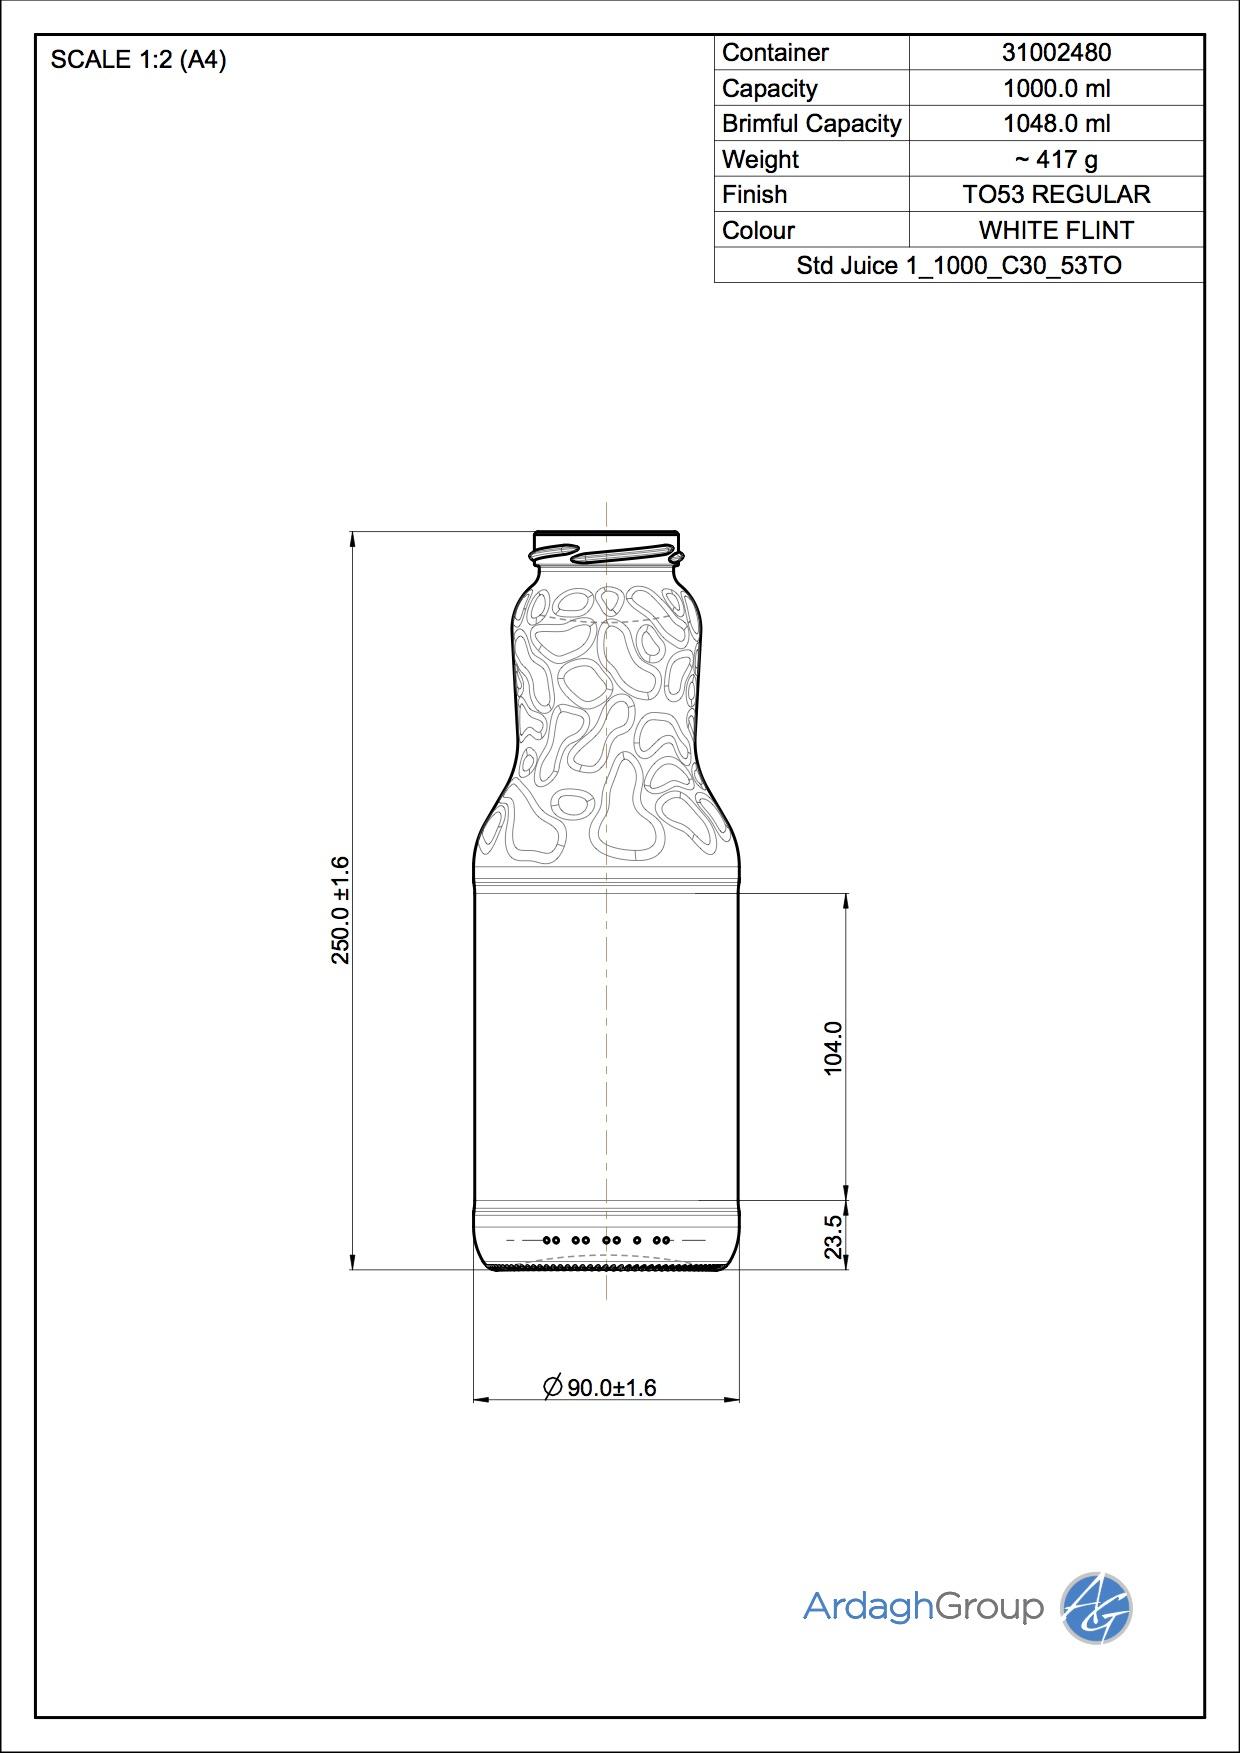 std Juice 1 1000 C30 53TO